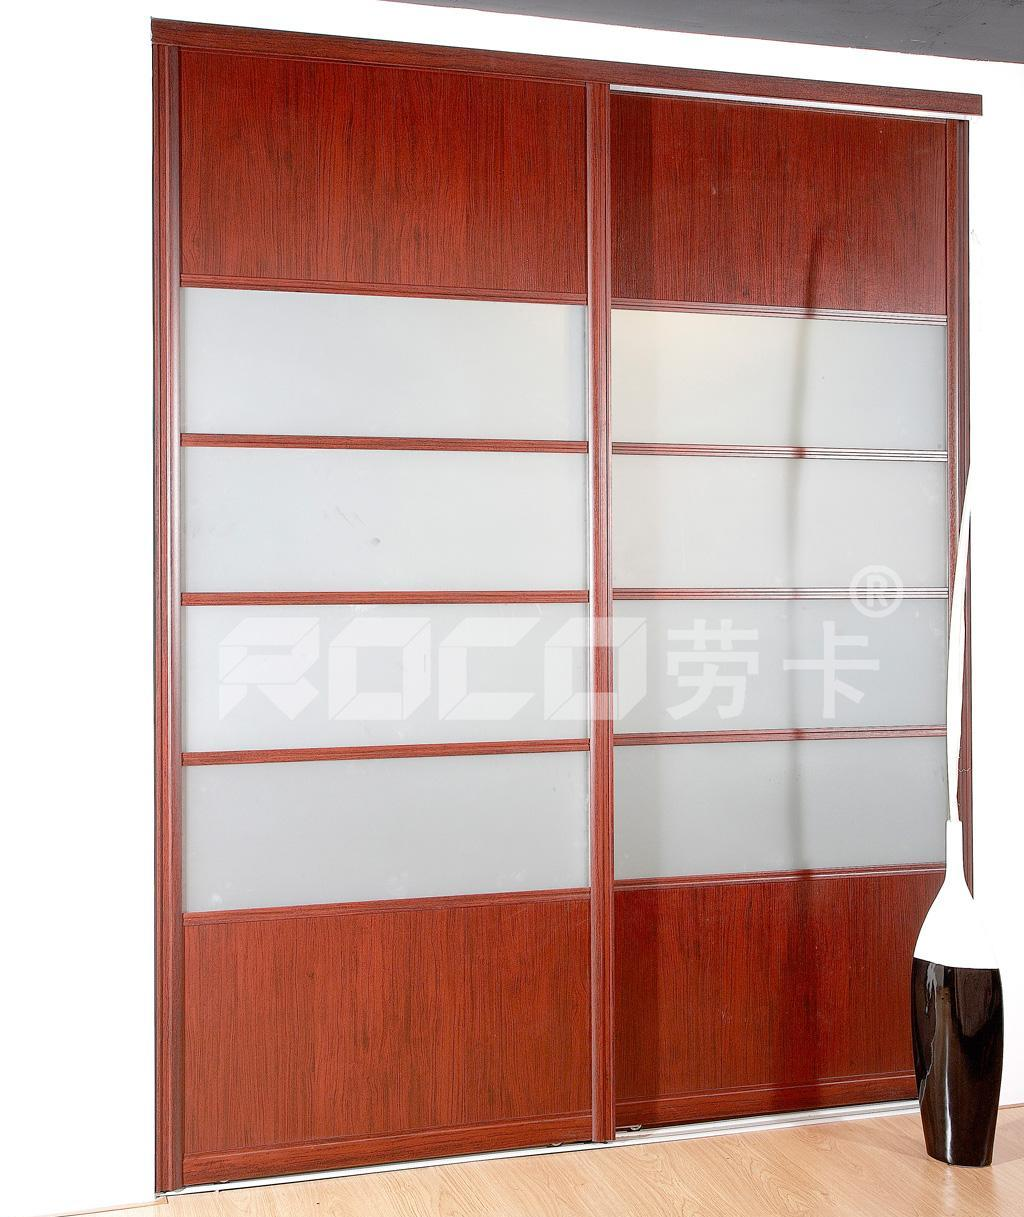 劳卡整体衣柜卧室系列GD-002GD-002